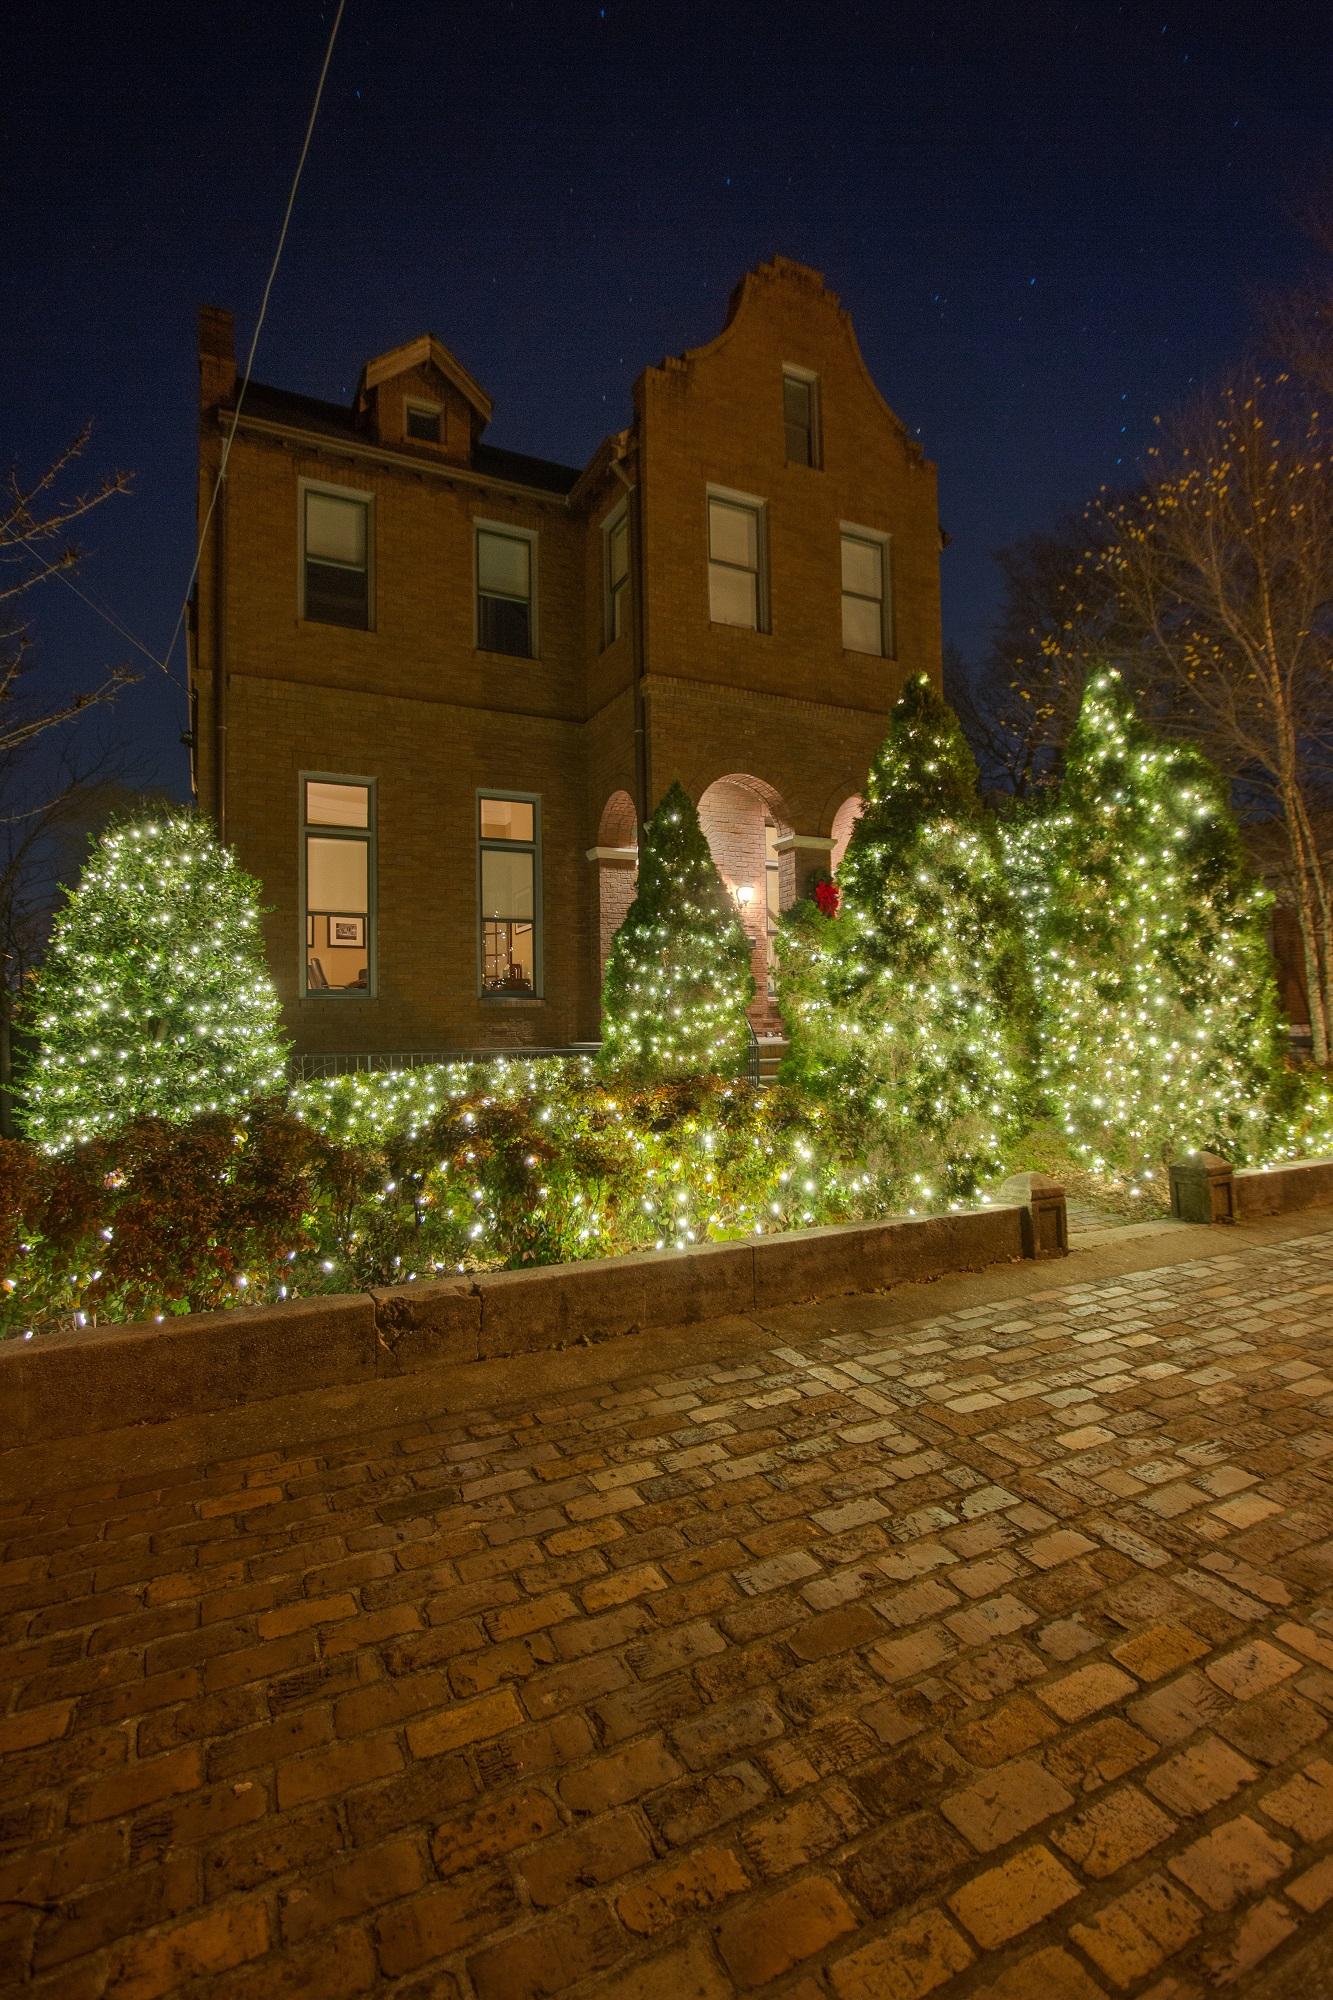 Nashville Lighting Where to view Christmas Lights in Nashville